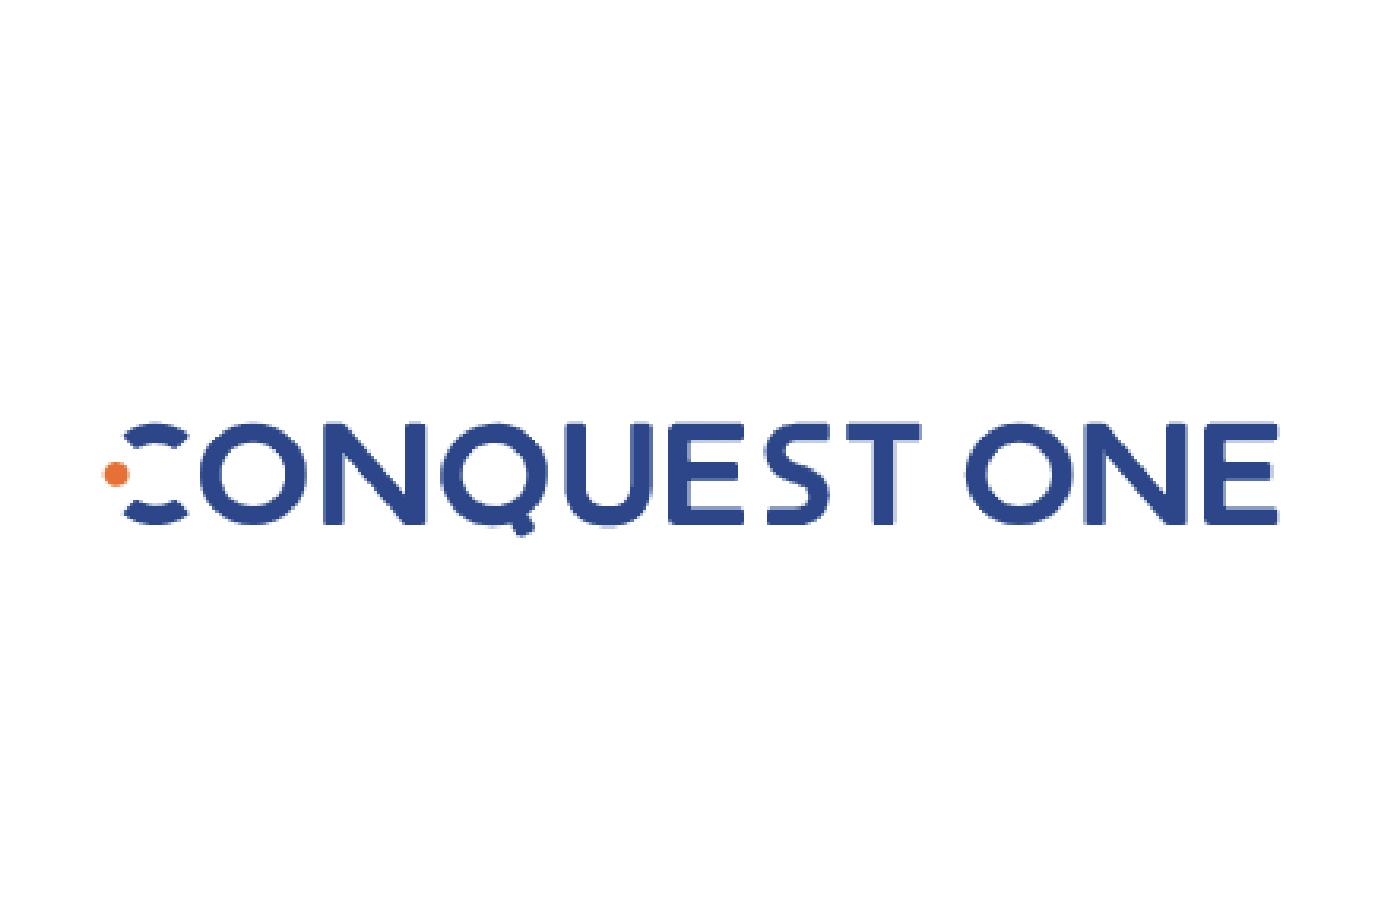 conquestone-55